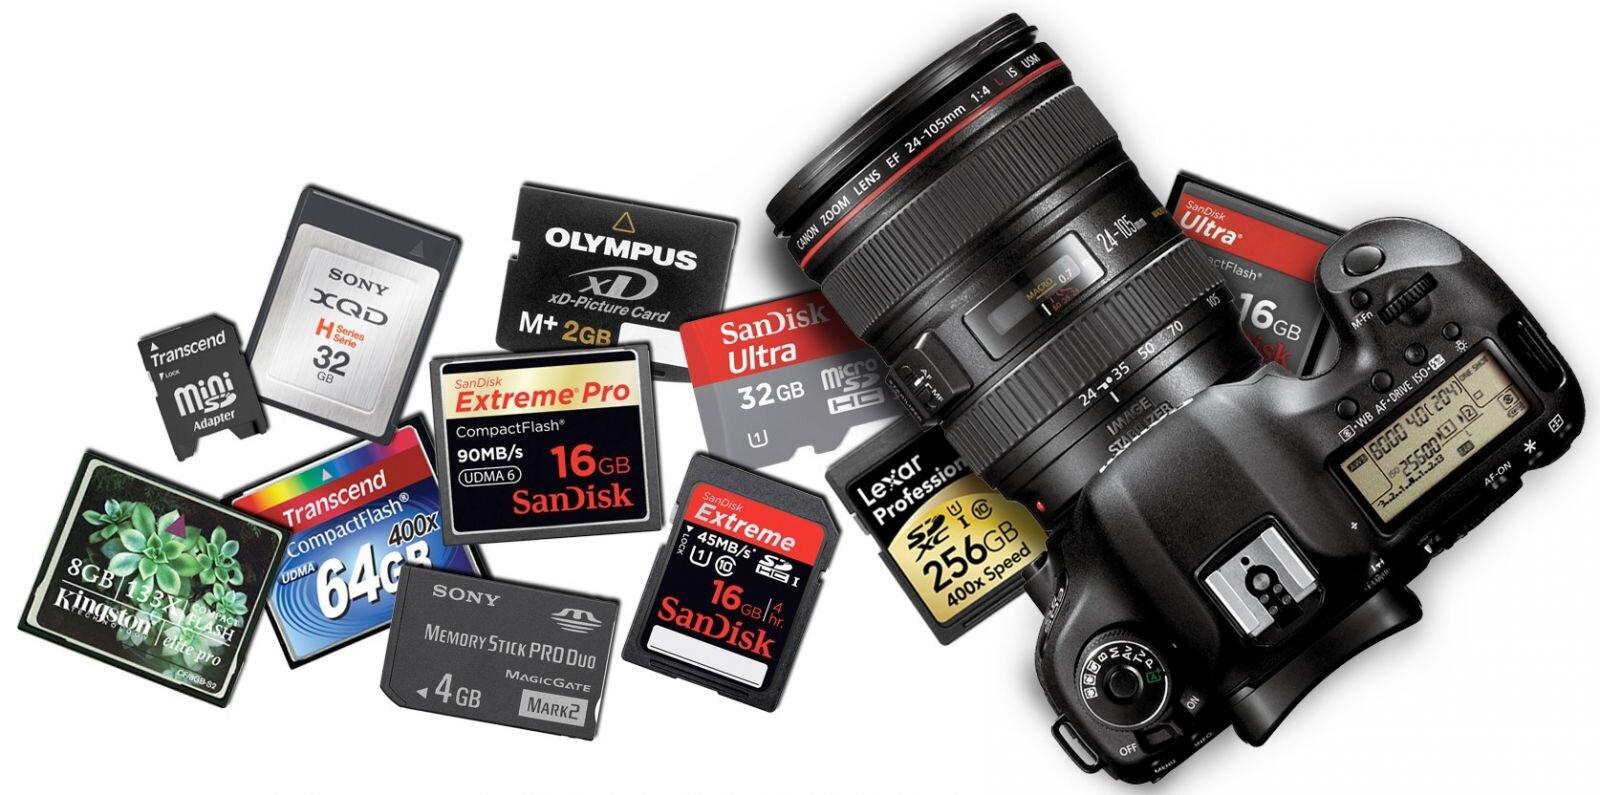 Dung lượng tương đối nhỏ so với máy quay phim chuyên dụng